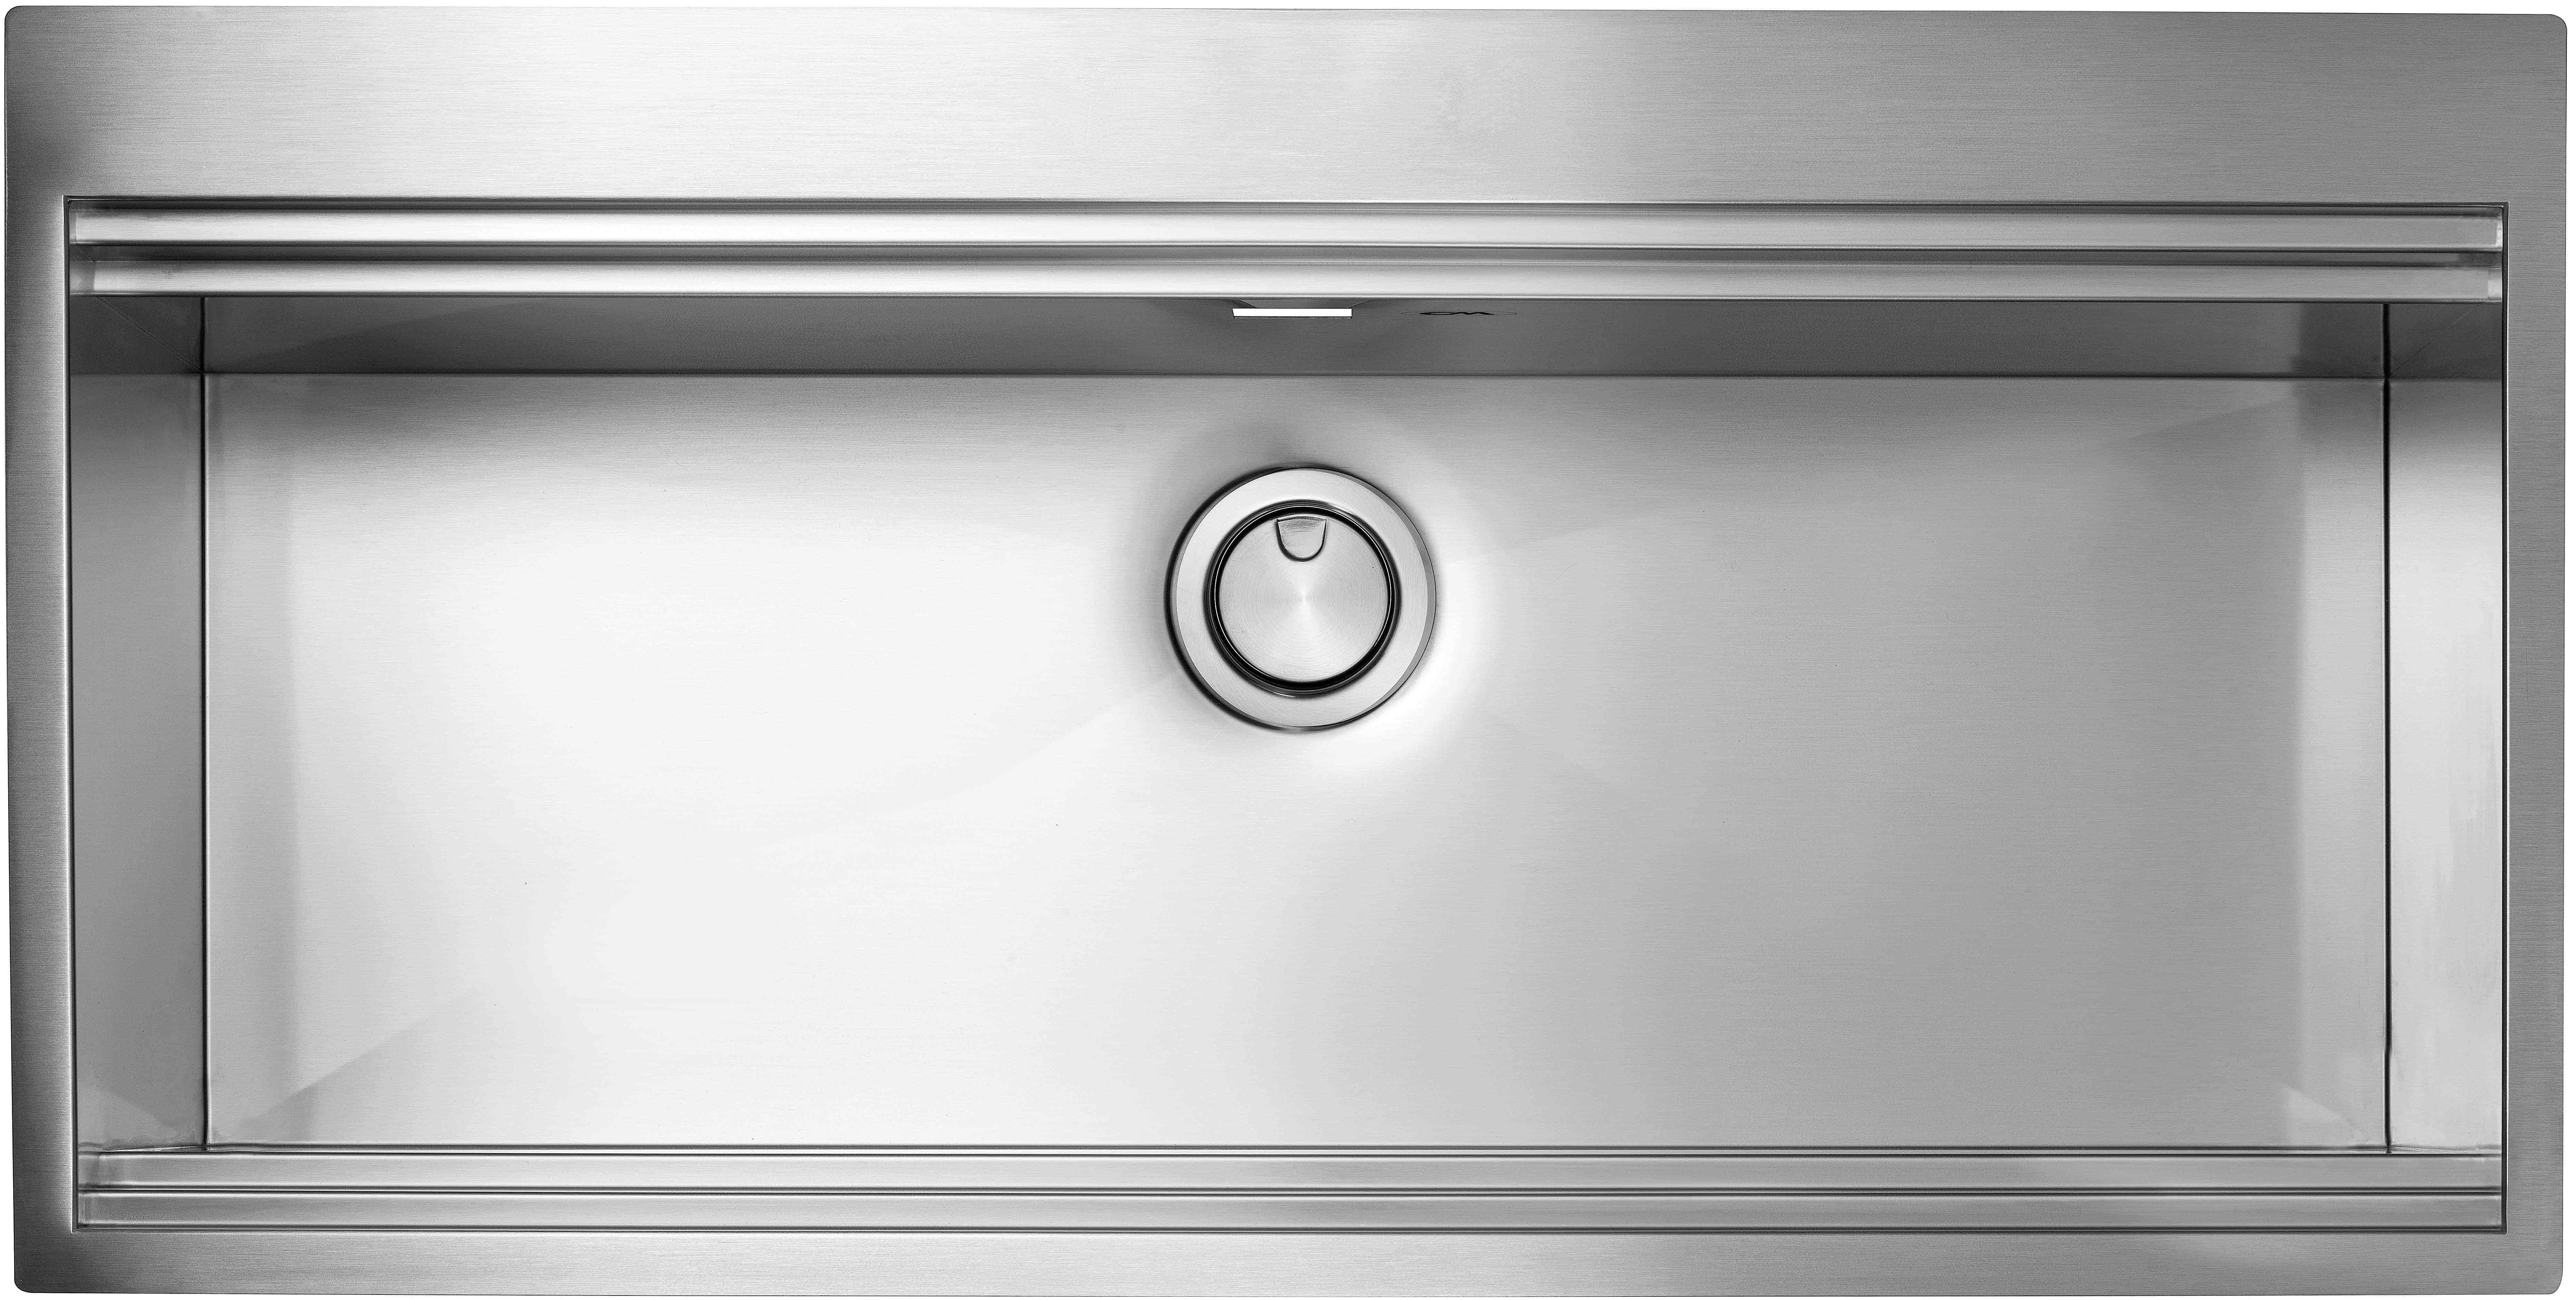 Lavelli in acciaio inox da incasso apell criteria kit - Lavello cucina incasso ...